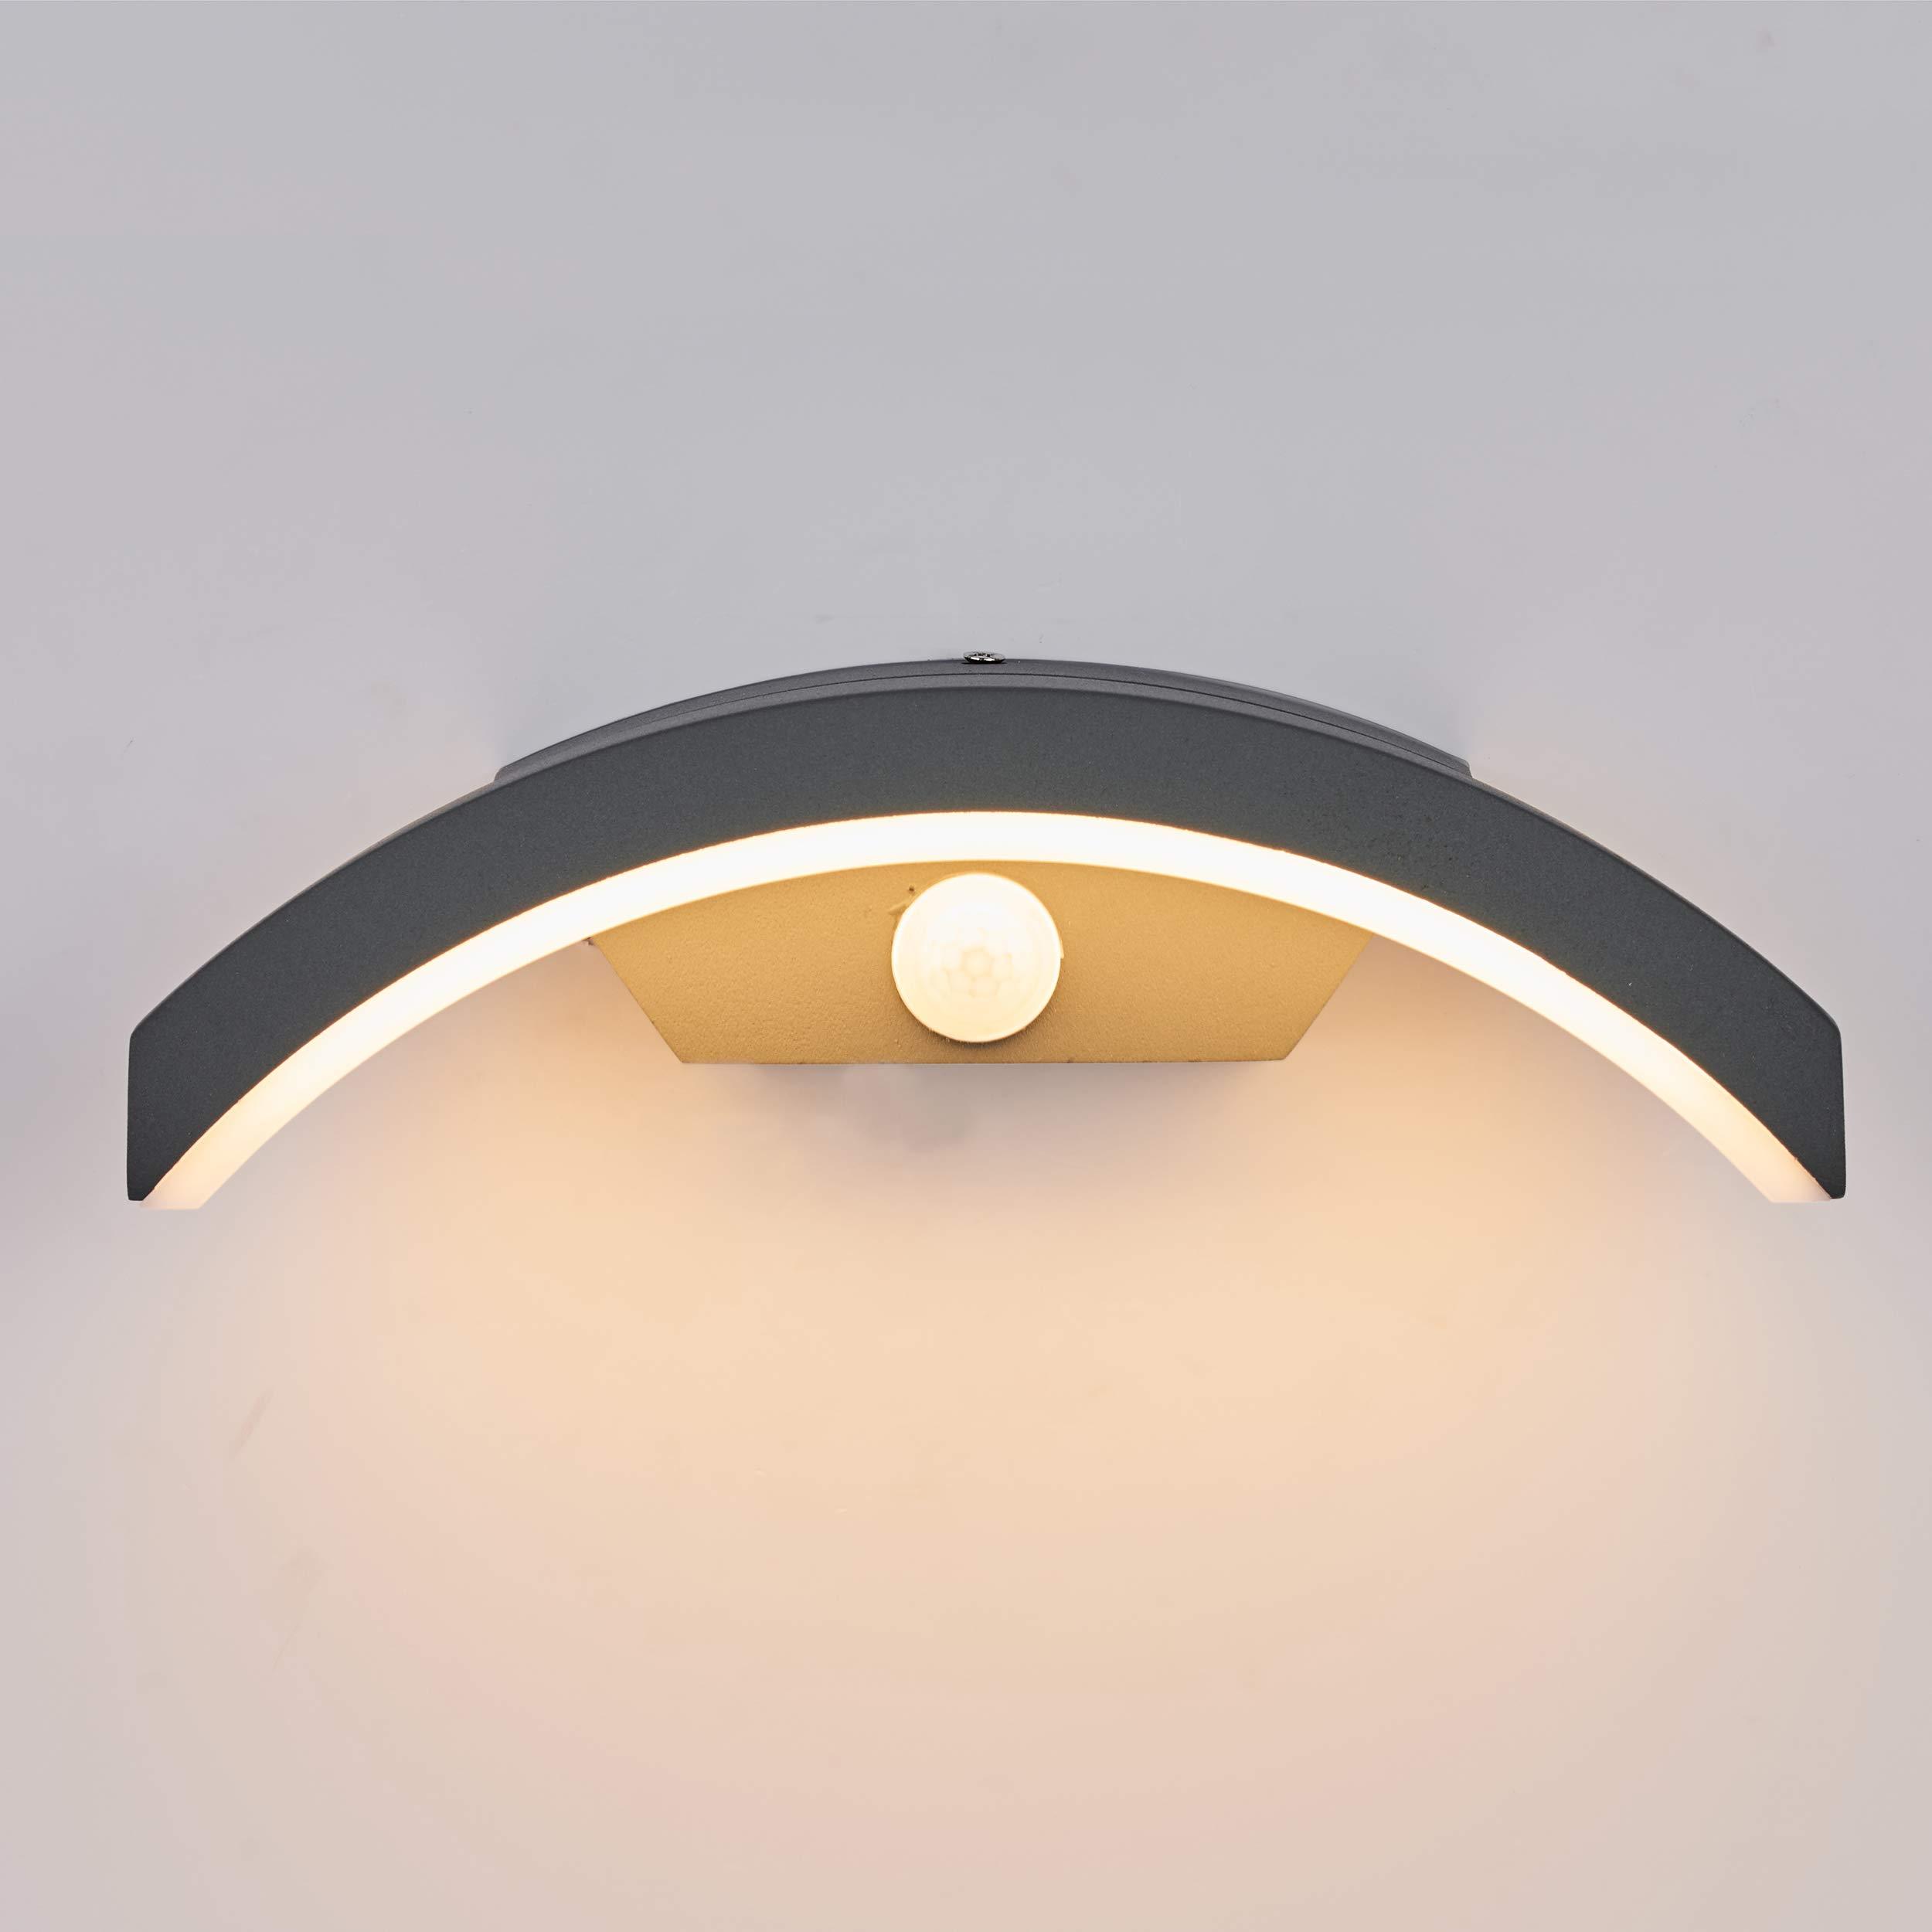 Topmo-plus 24W LED Focos pared Exterior/Osram SMD/apliques pared IP65 jardín, Garaje, Patio, Camino, Eacaleras, Pasillo, Terraza, Camino de Entrada 27CM gris/blanco cálido (Sensor de Movimiento): Amazon.es: Iluminación